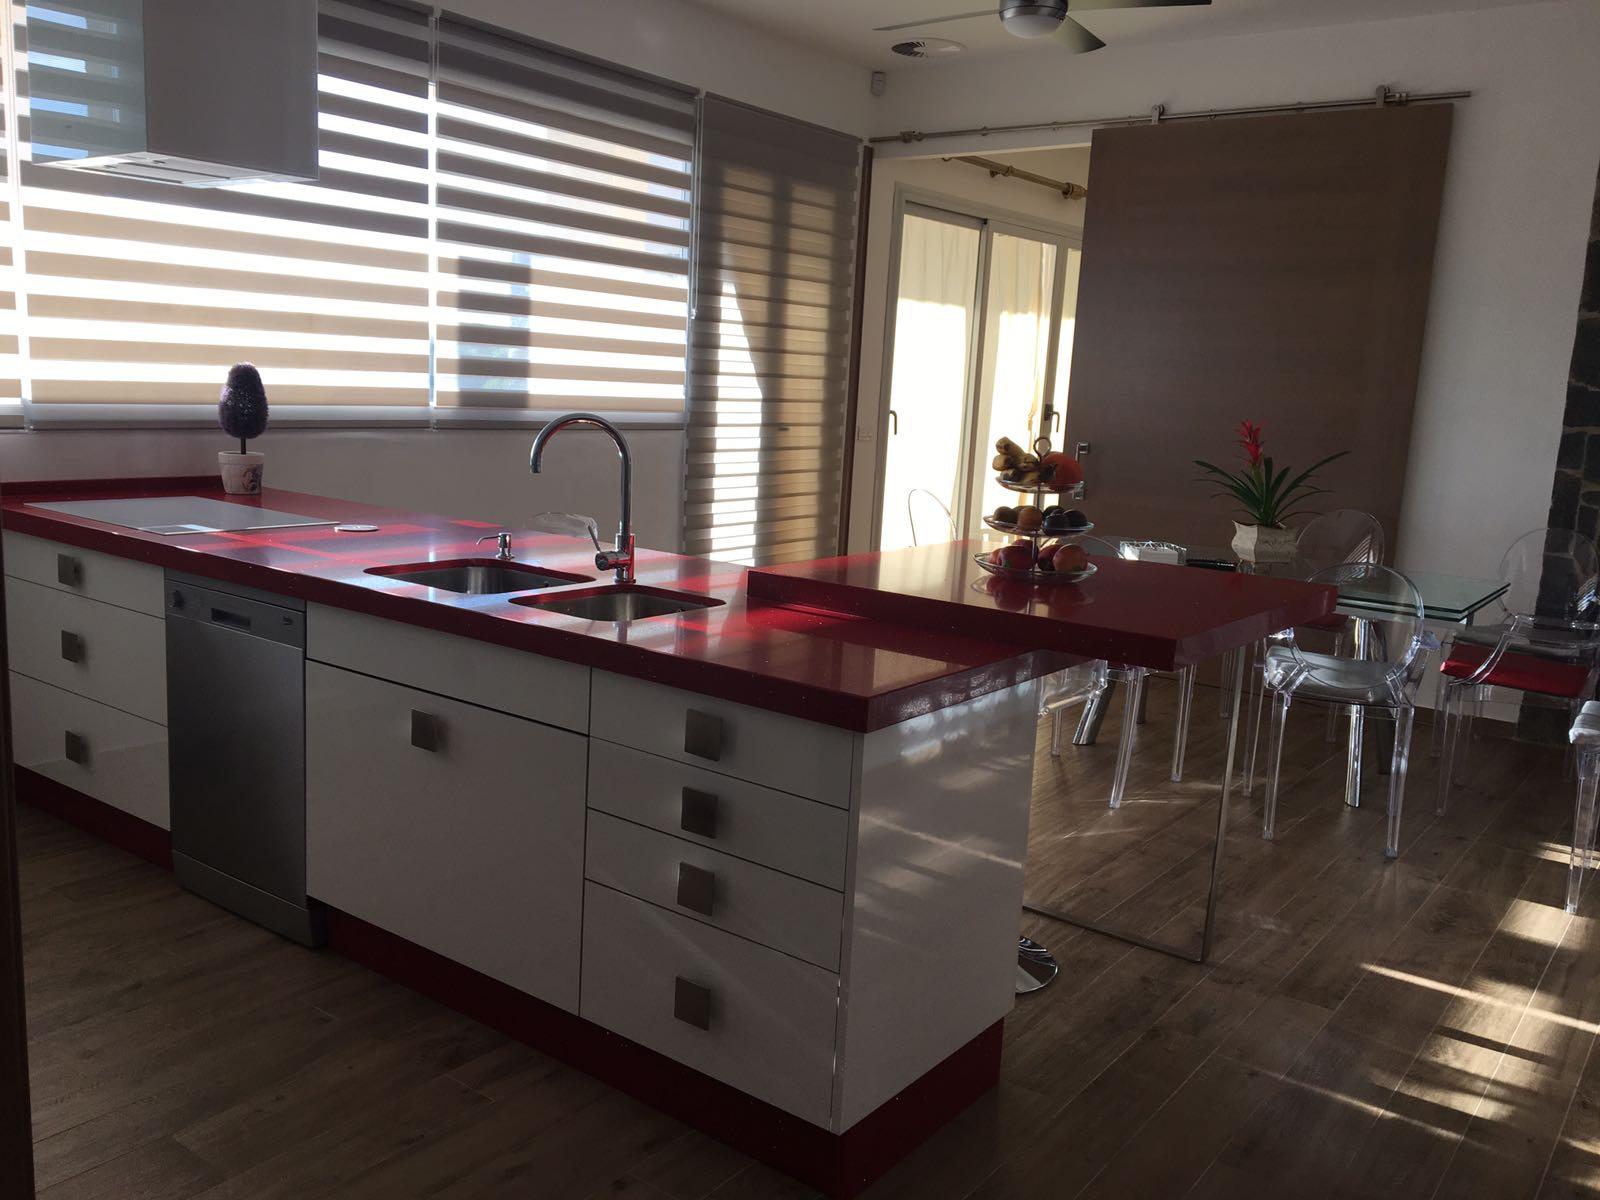 Cocinas de segunda mano en sevilla tienda de muebles de for Busco muebles de cocina de segunda mano